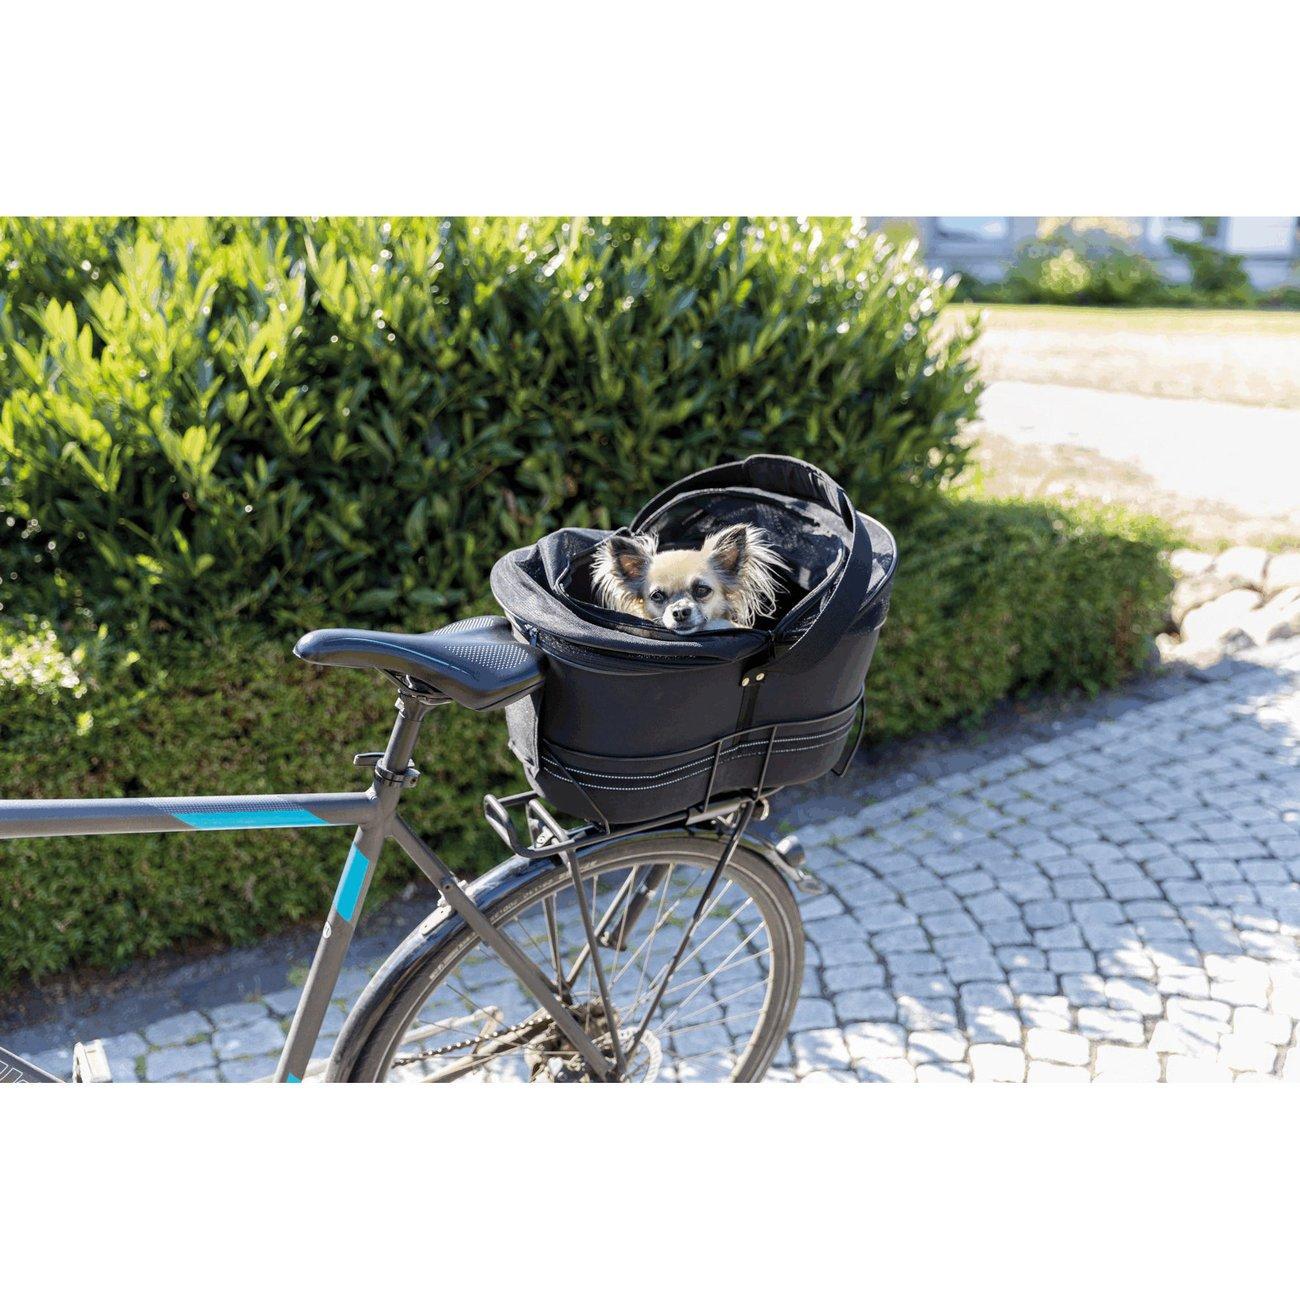 TRIXIE Hunde-Fahrradkorb für schmale Gepäckträger 13111, Bild 2